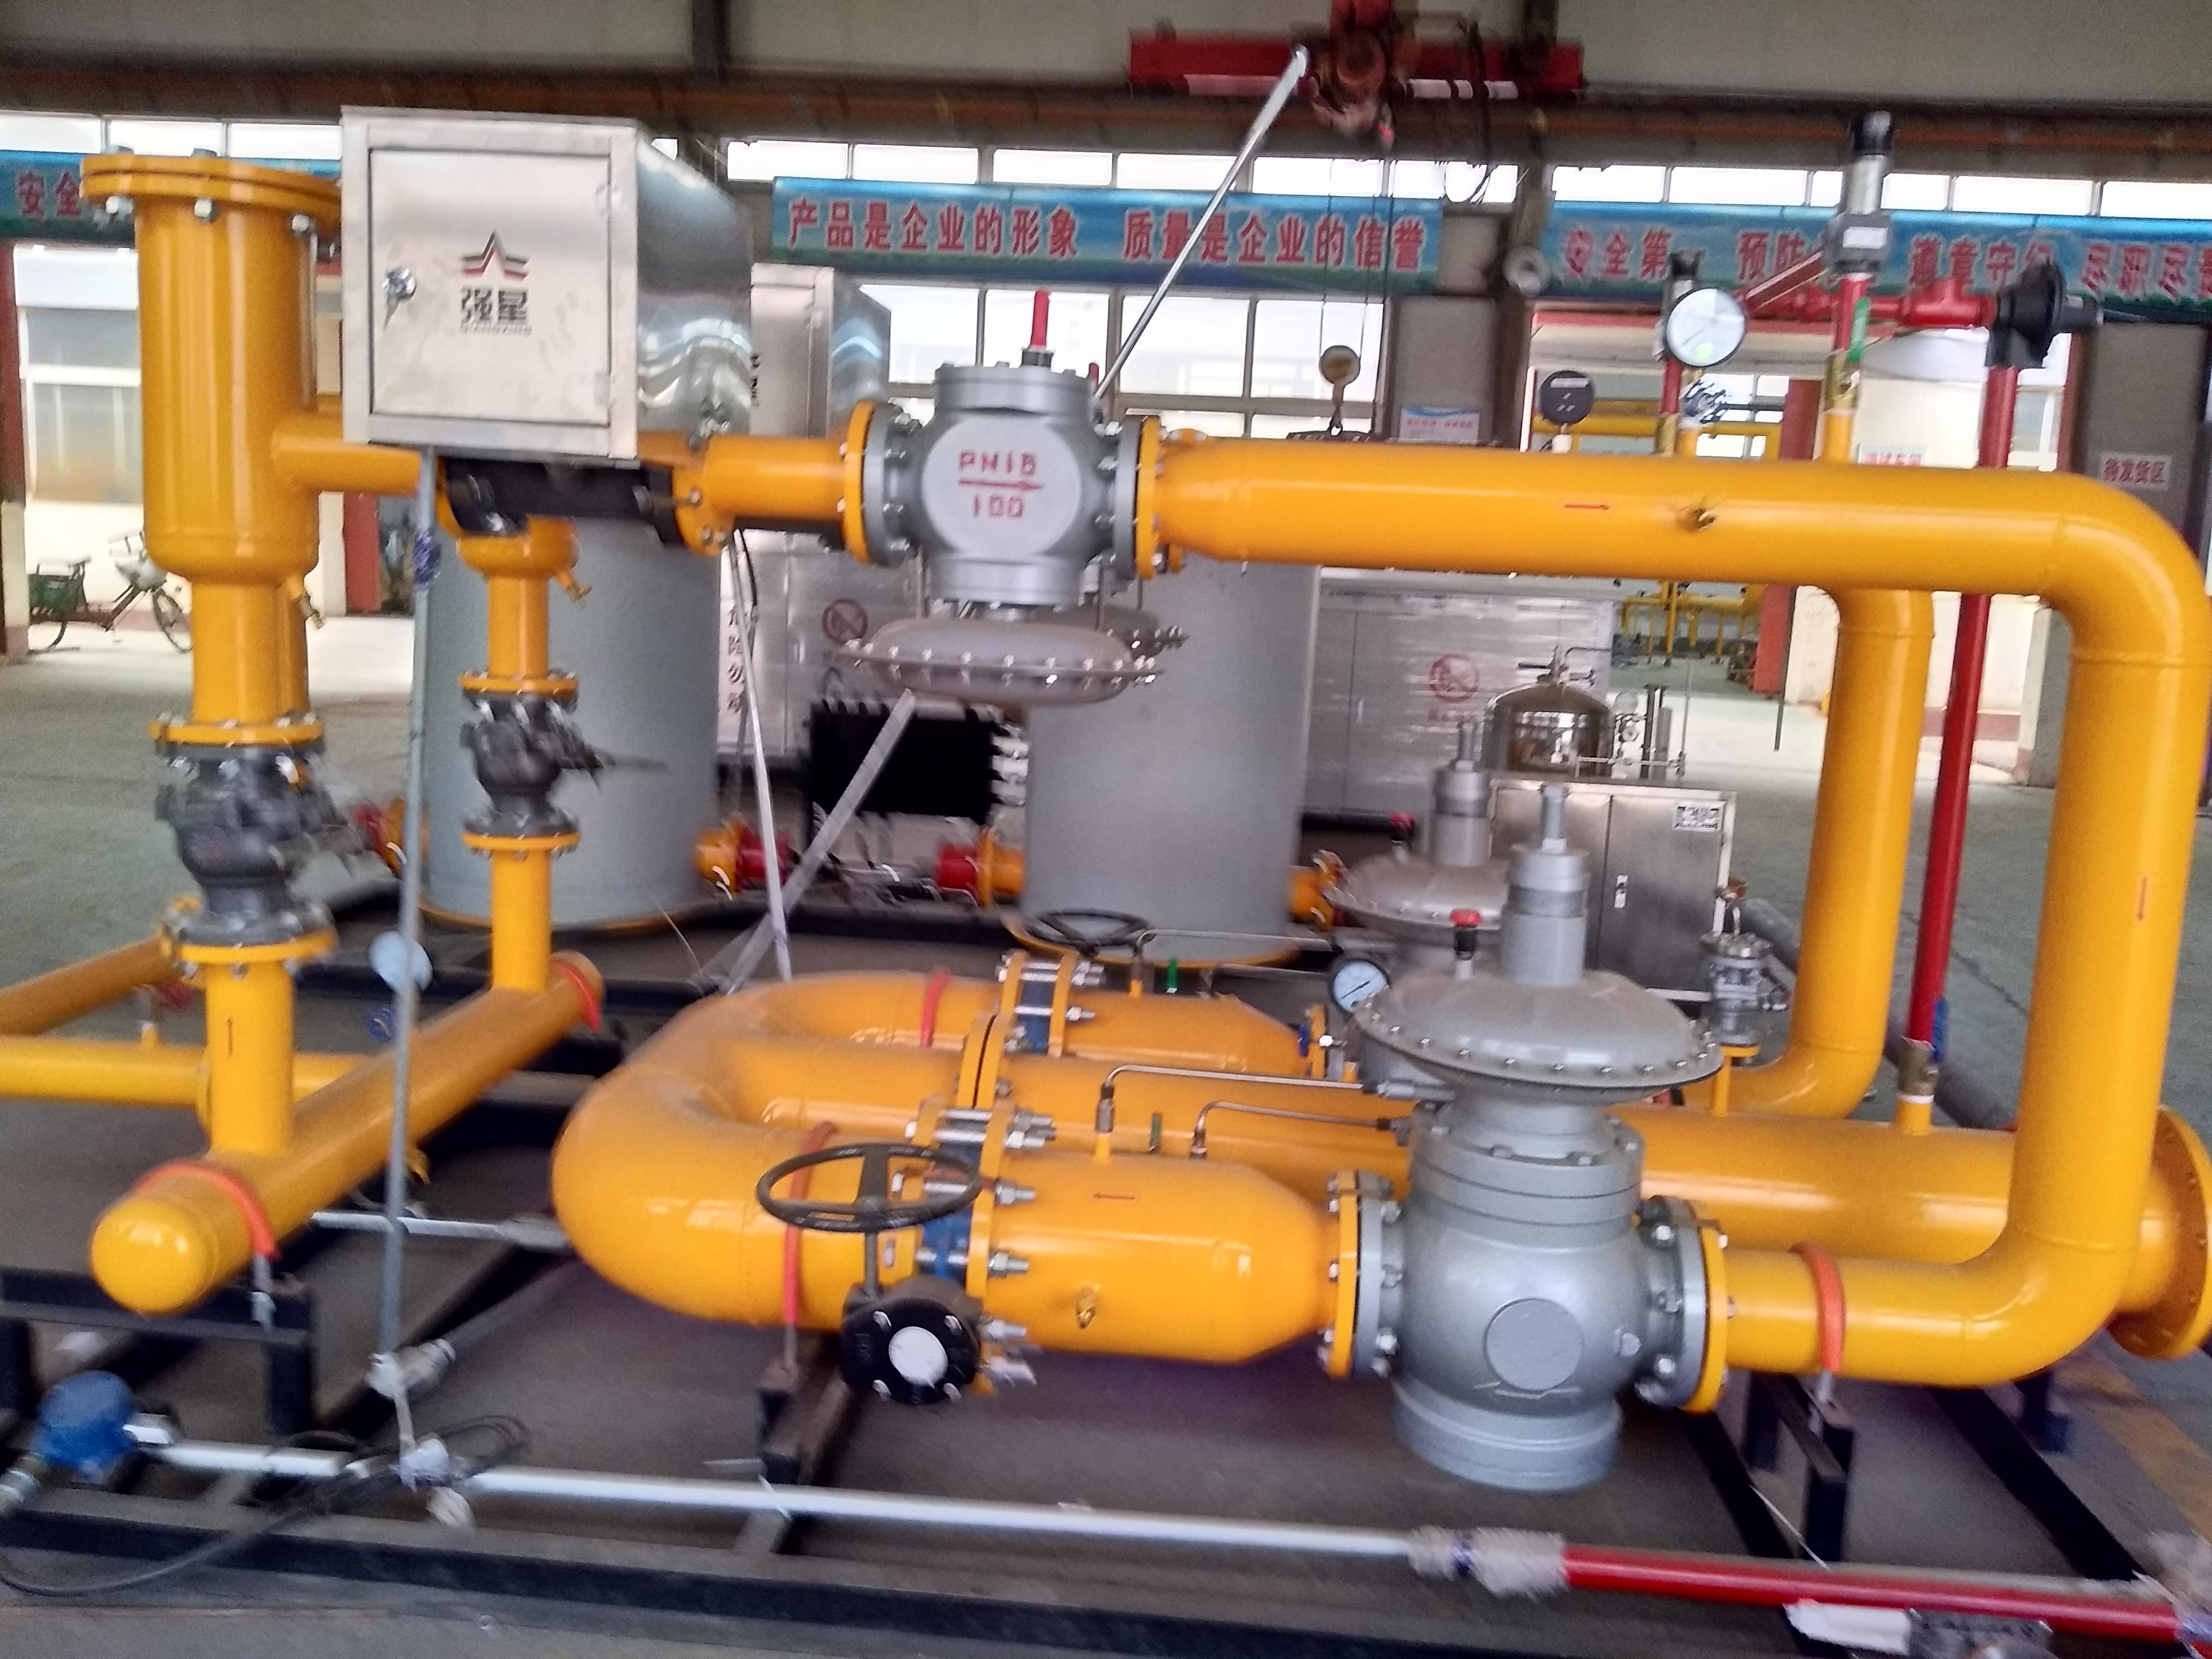 rqz系列燃气紧急切断阀图片